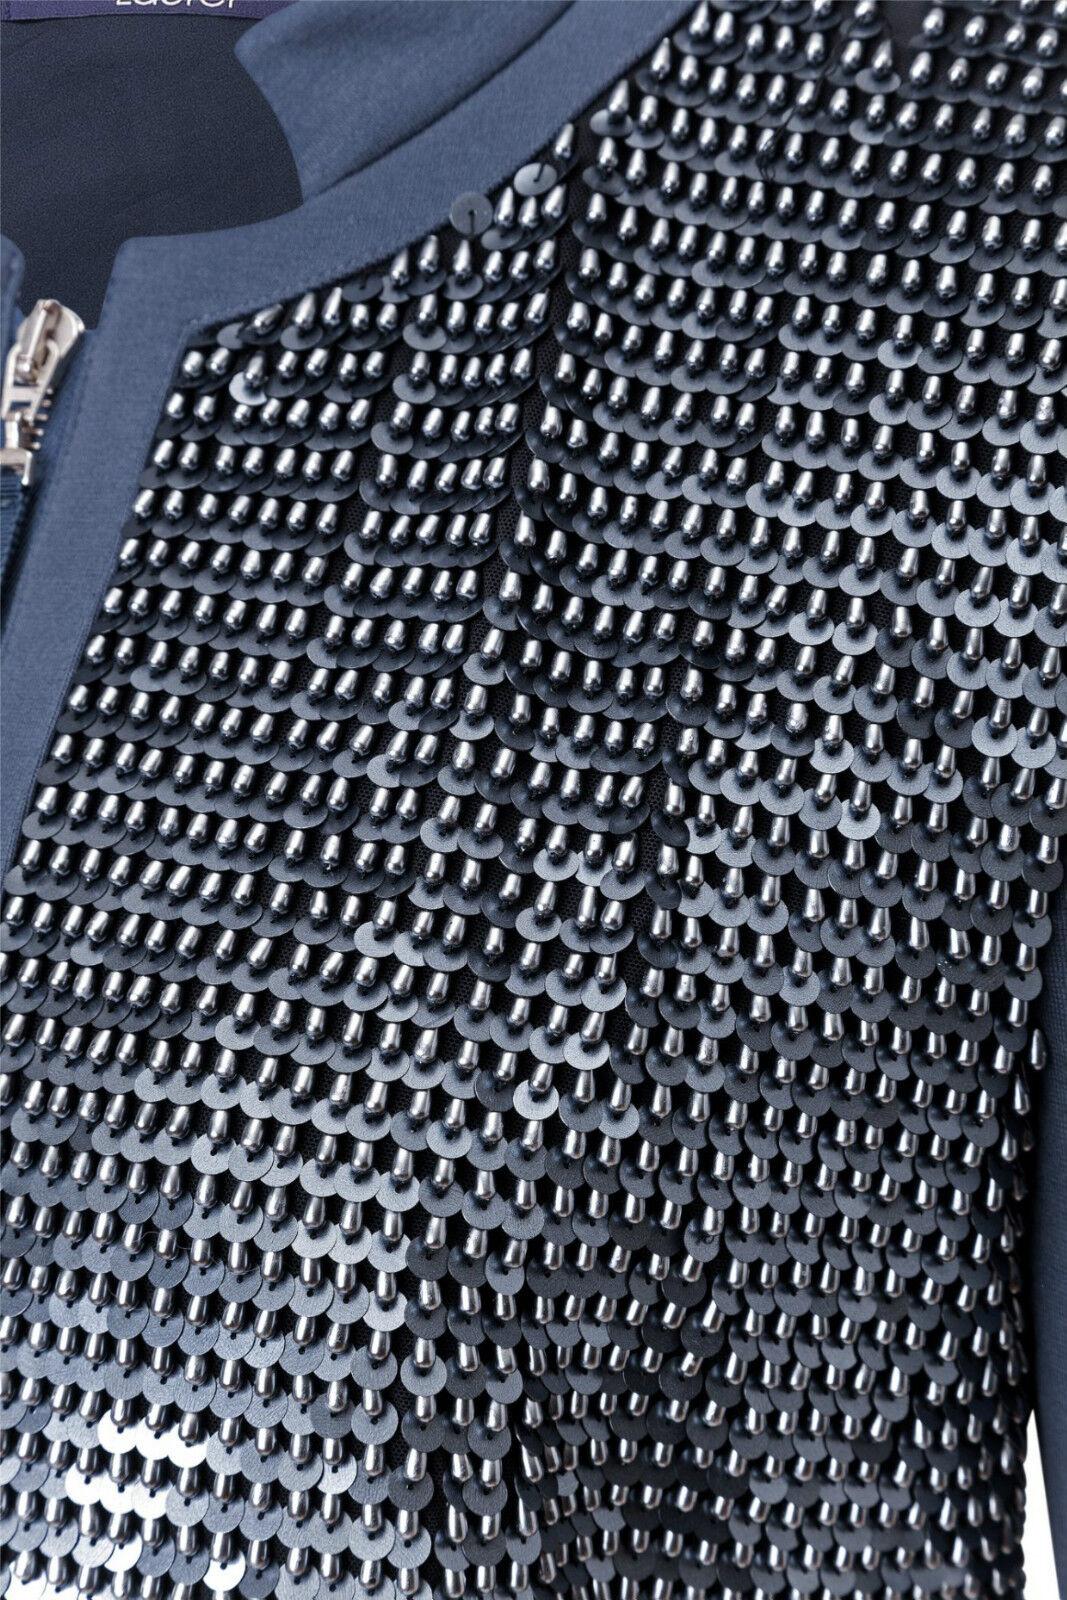 Laurel  Blazer in blau mit Pailletten besetzt, Größe 42 42 42 | Ideales Geschenk für alle Gelegenheiten  | Überlegene Qualität  | Bequeme Berührung  | Eine Große Vielfalt An Modelle 2019 Neue  | Deutschland Berlin  9326c9